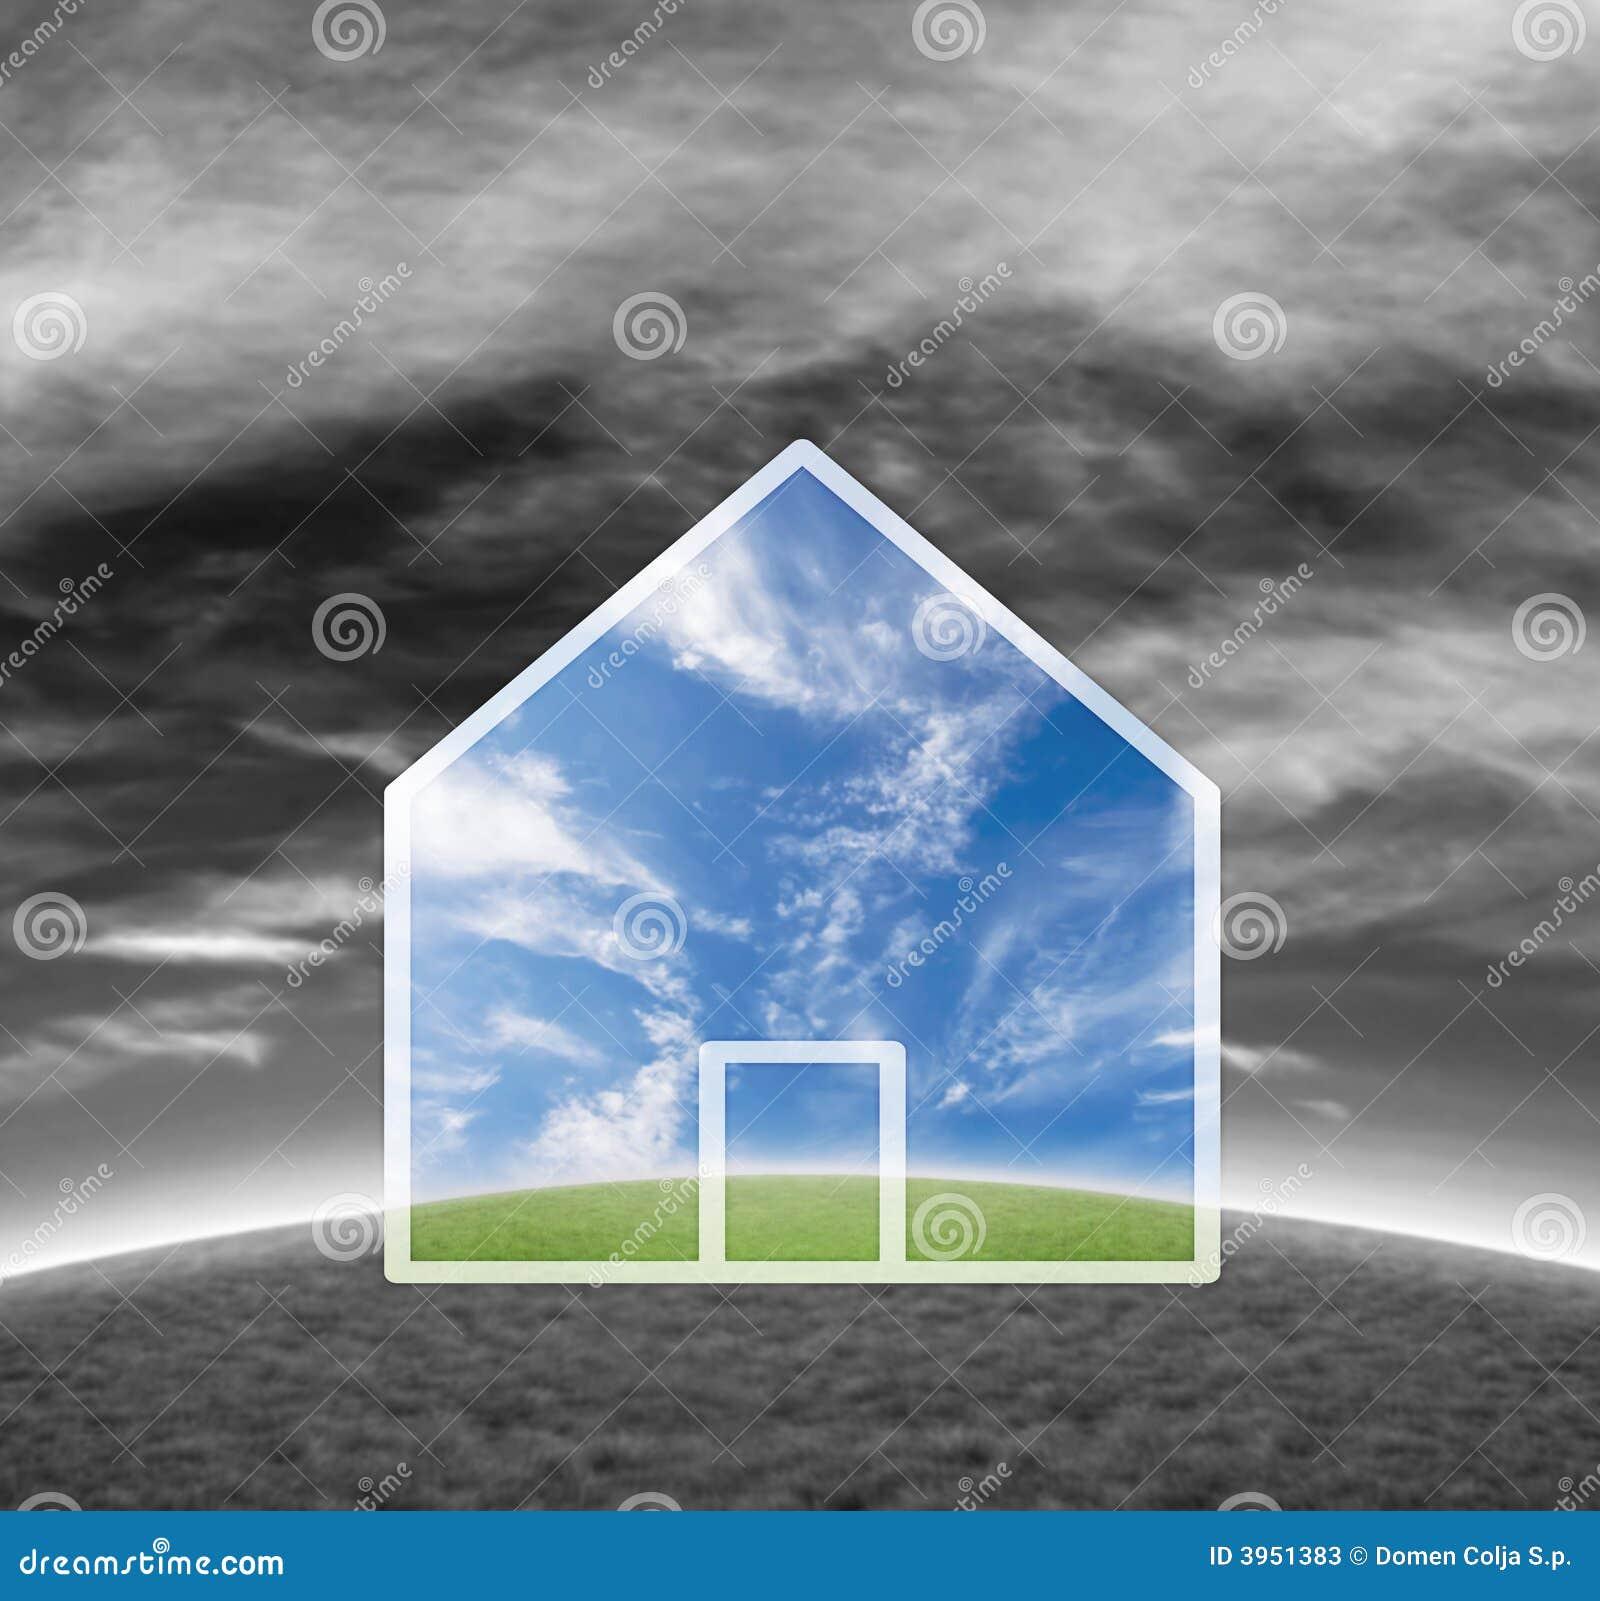 Asunto de las propiedades inmobiliarias